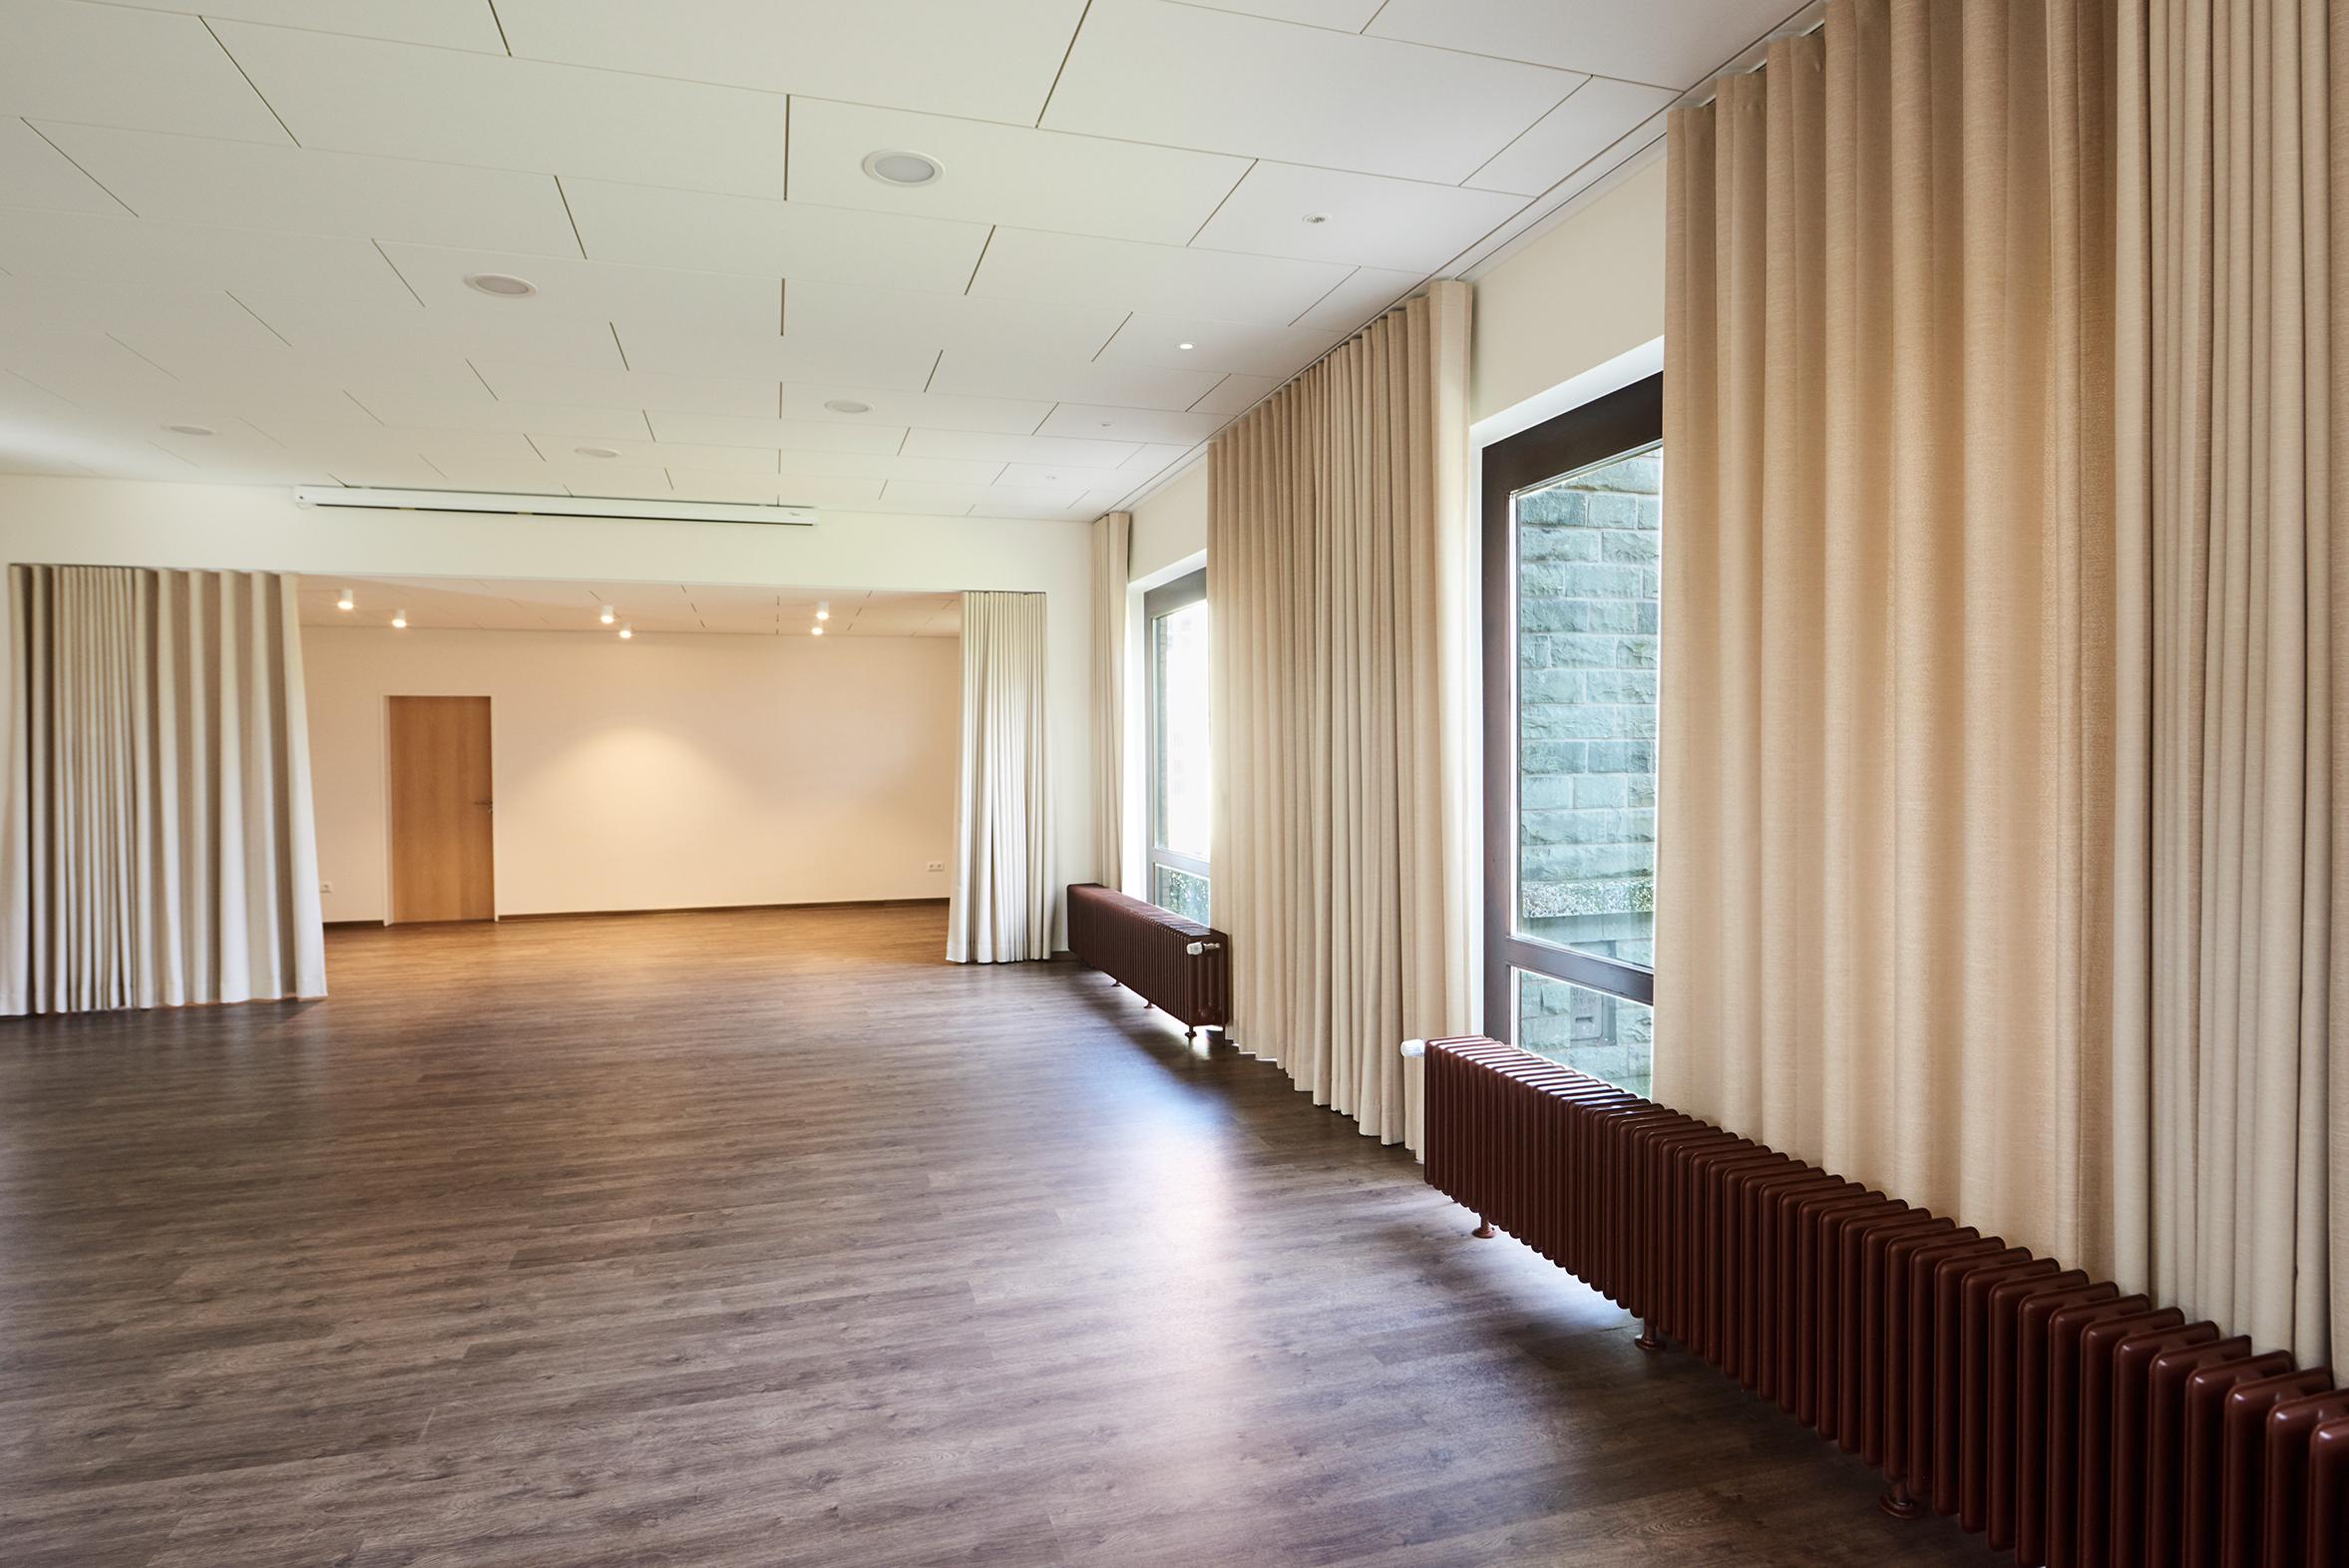 Gemeindesaal02